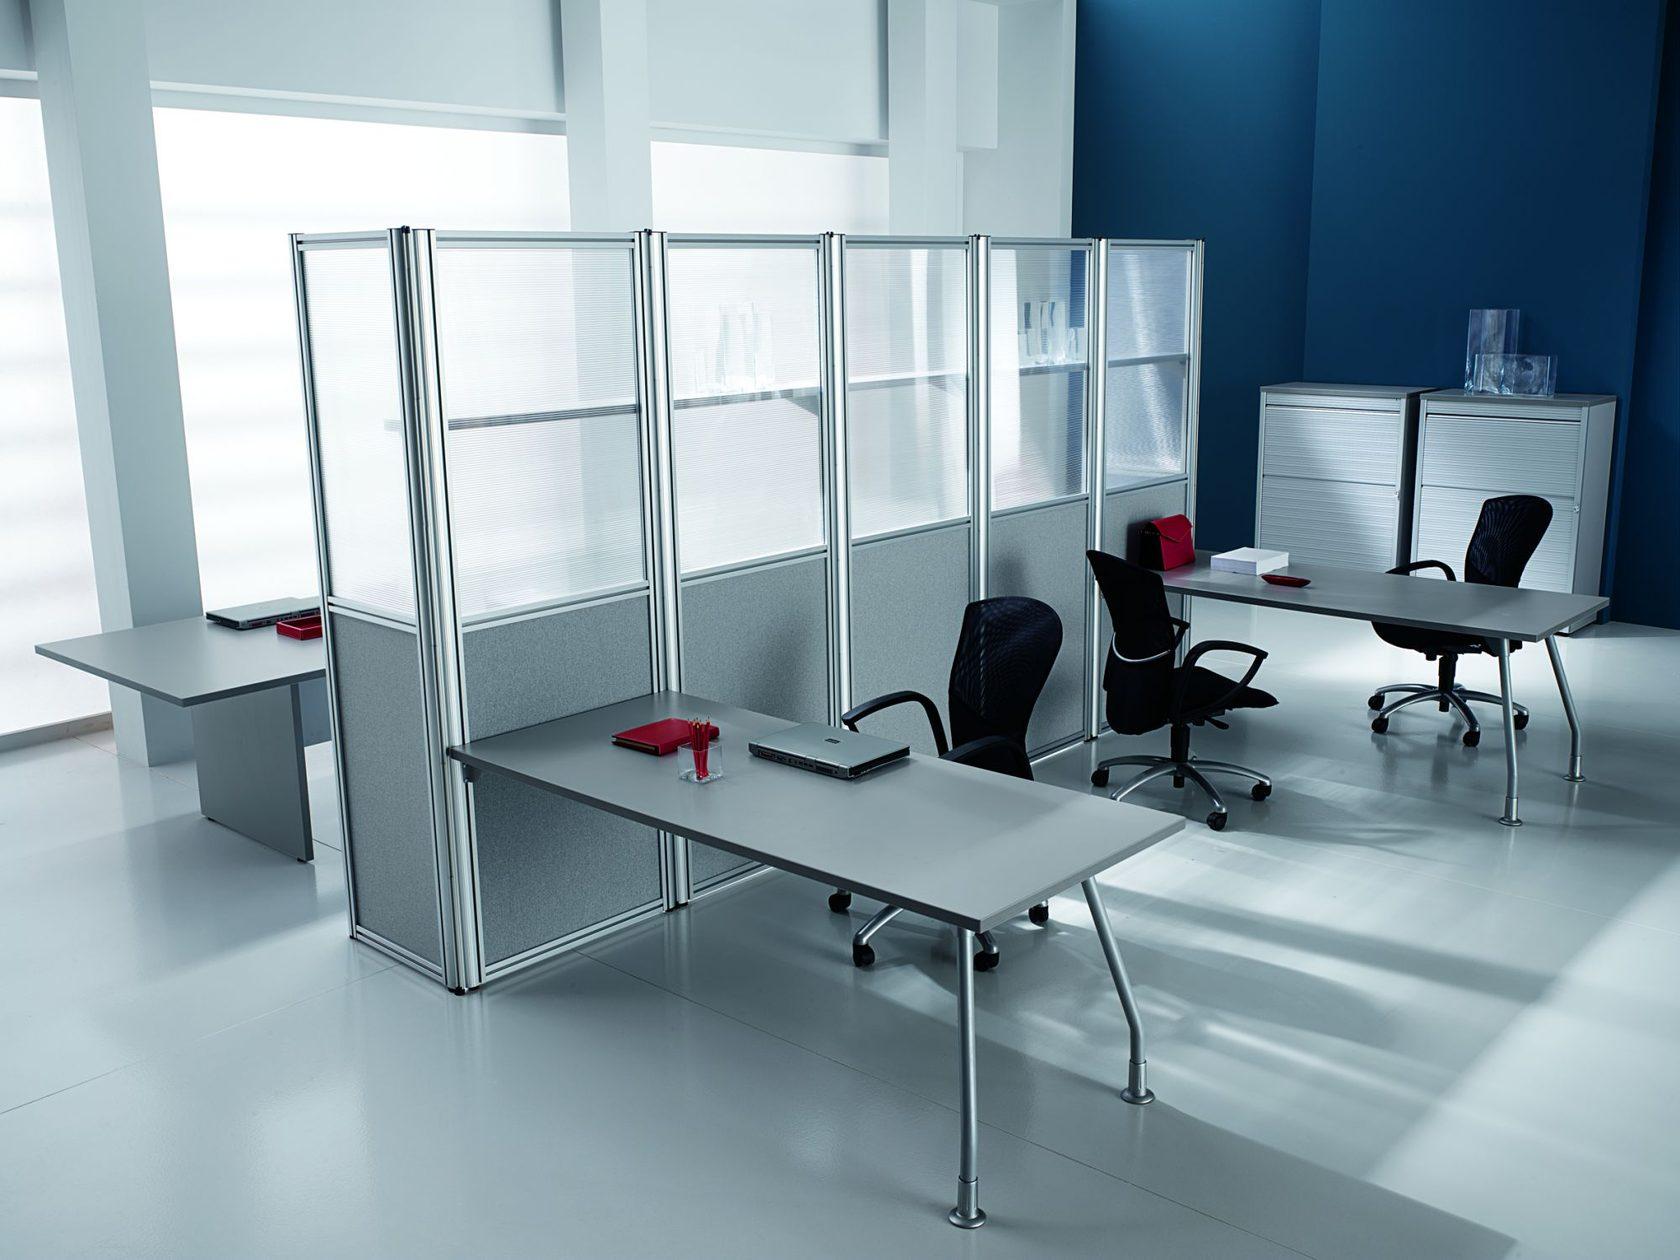 Разновидности офисных перегородок и их преимущества